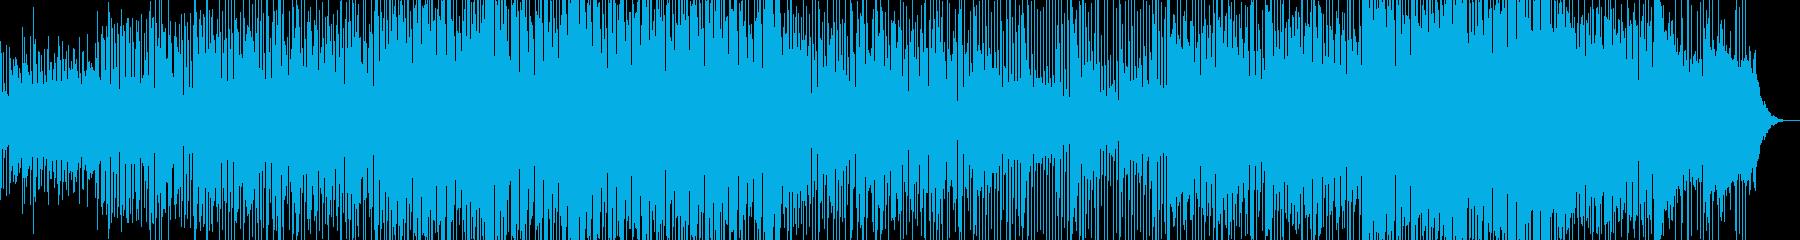 不安と押し寄せる緊張感が感じられるBGMの再生済みの波形